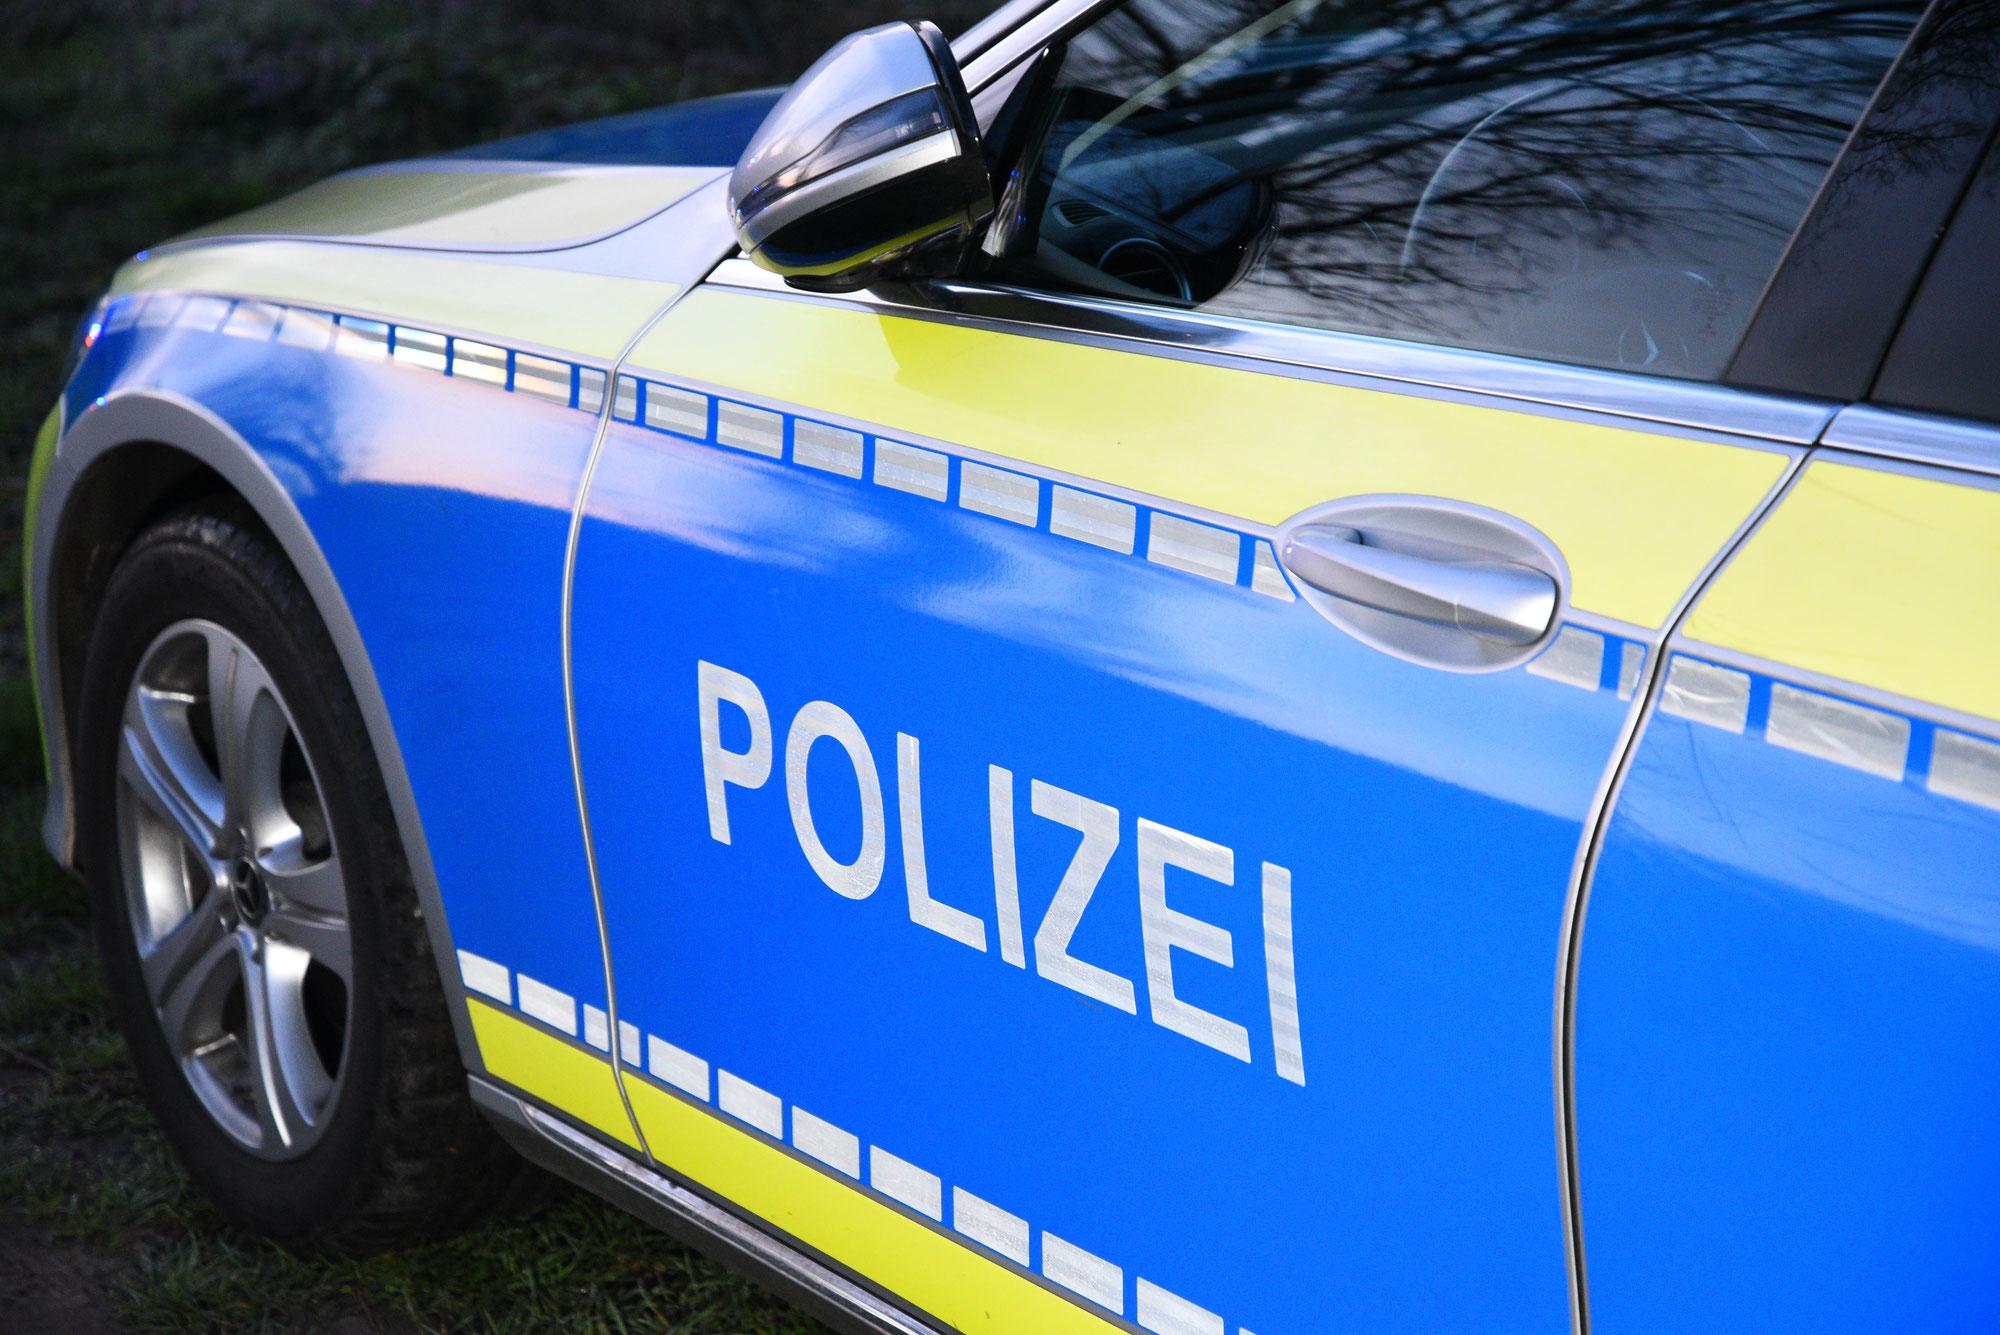 Schwetzingen: Fußgänger von Pkw erfasst - Zeugen gesucht